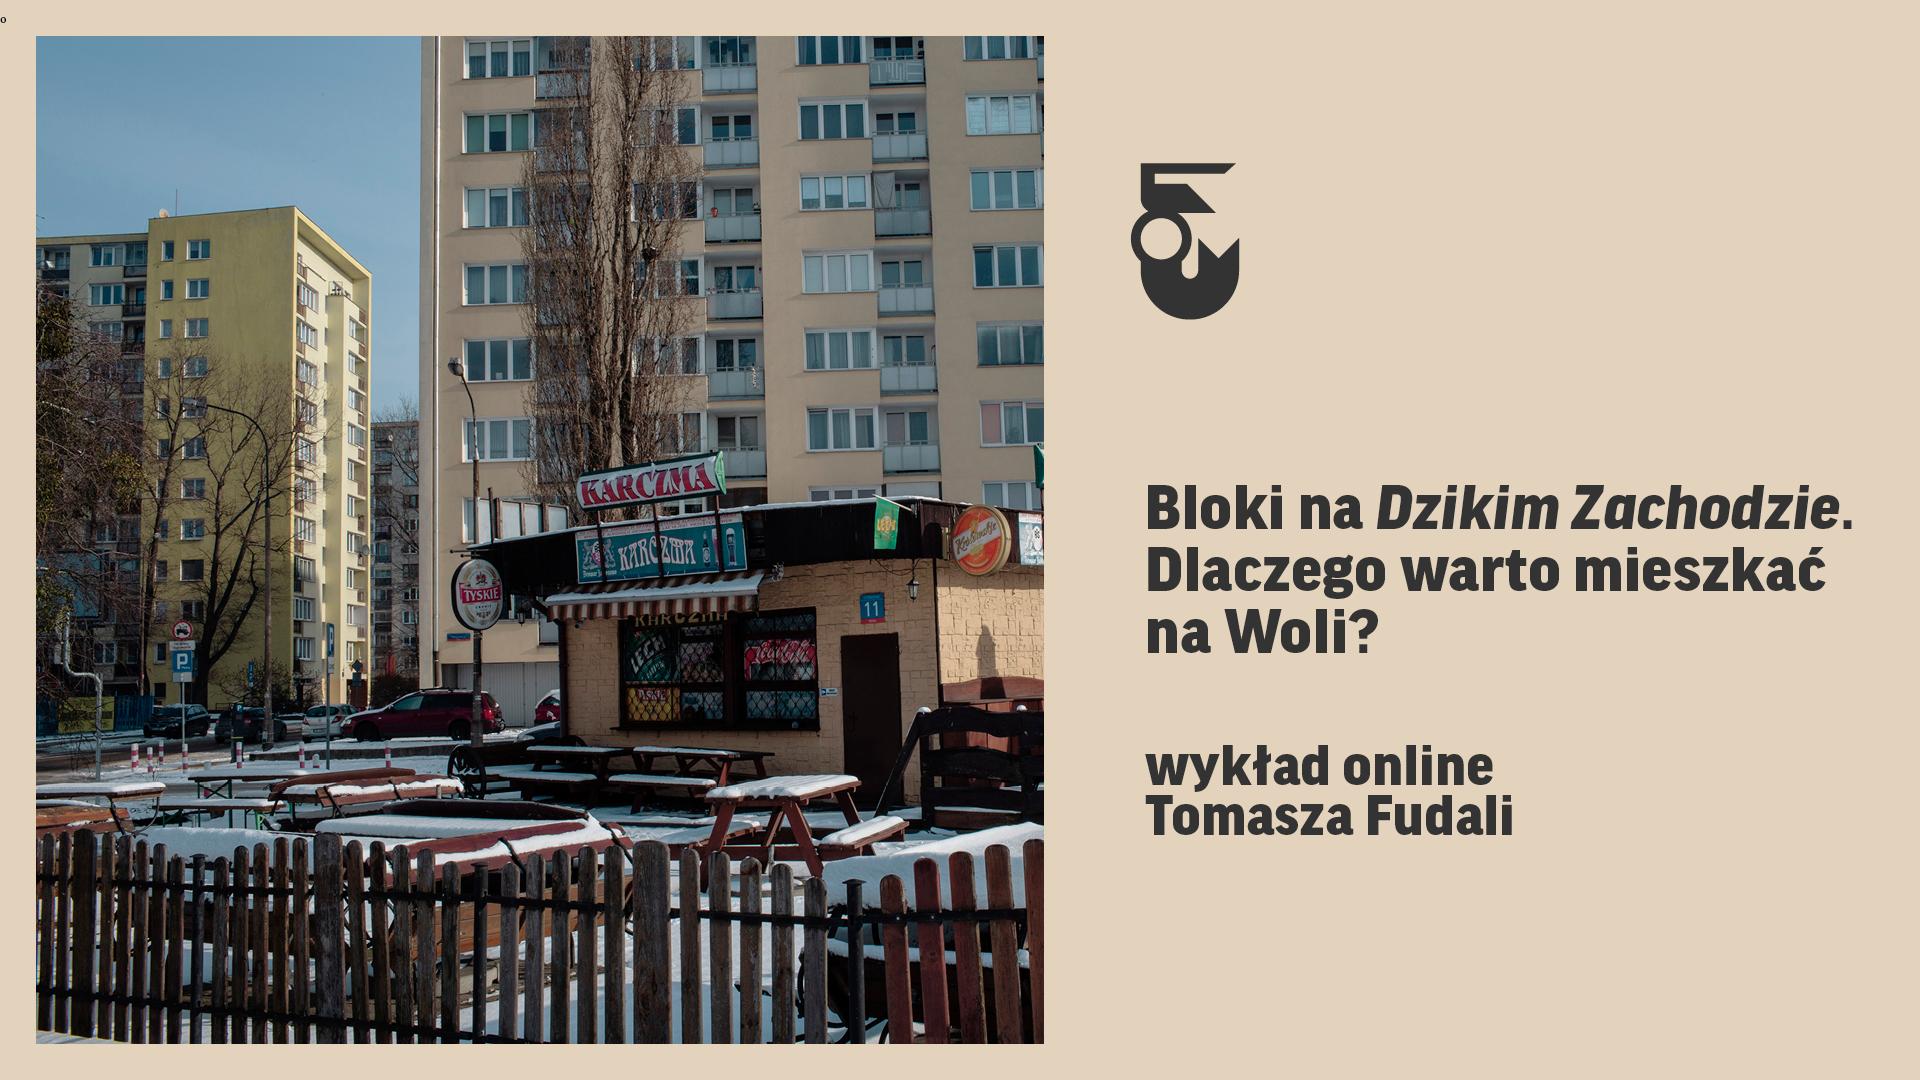 Grafika. Beżowe tło. po prawej tytuł wydarzenia po lewej zdjęcie blokowiska z karczmą pośrodku.